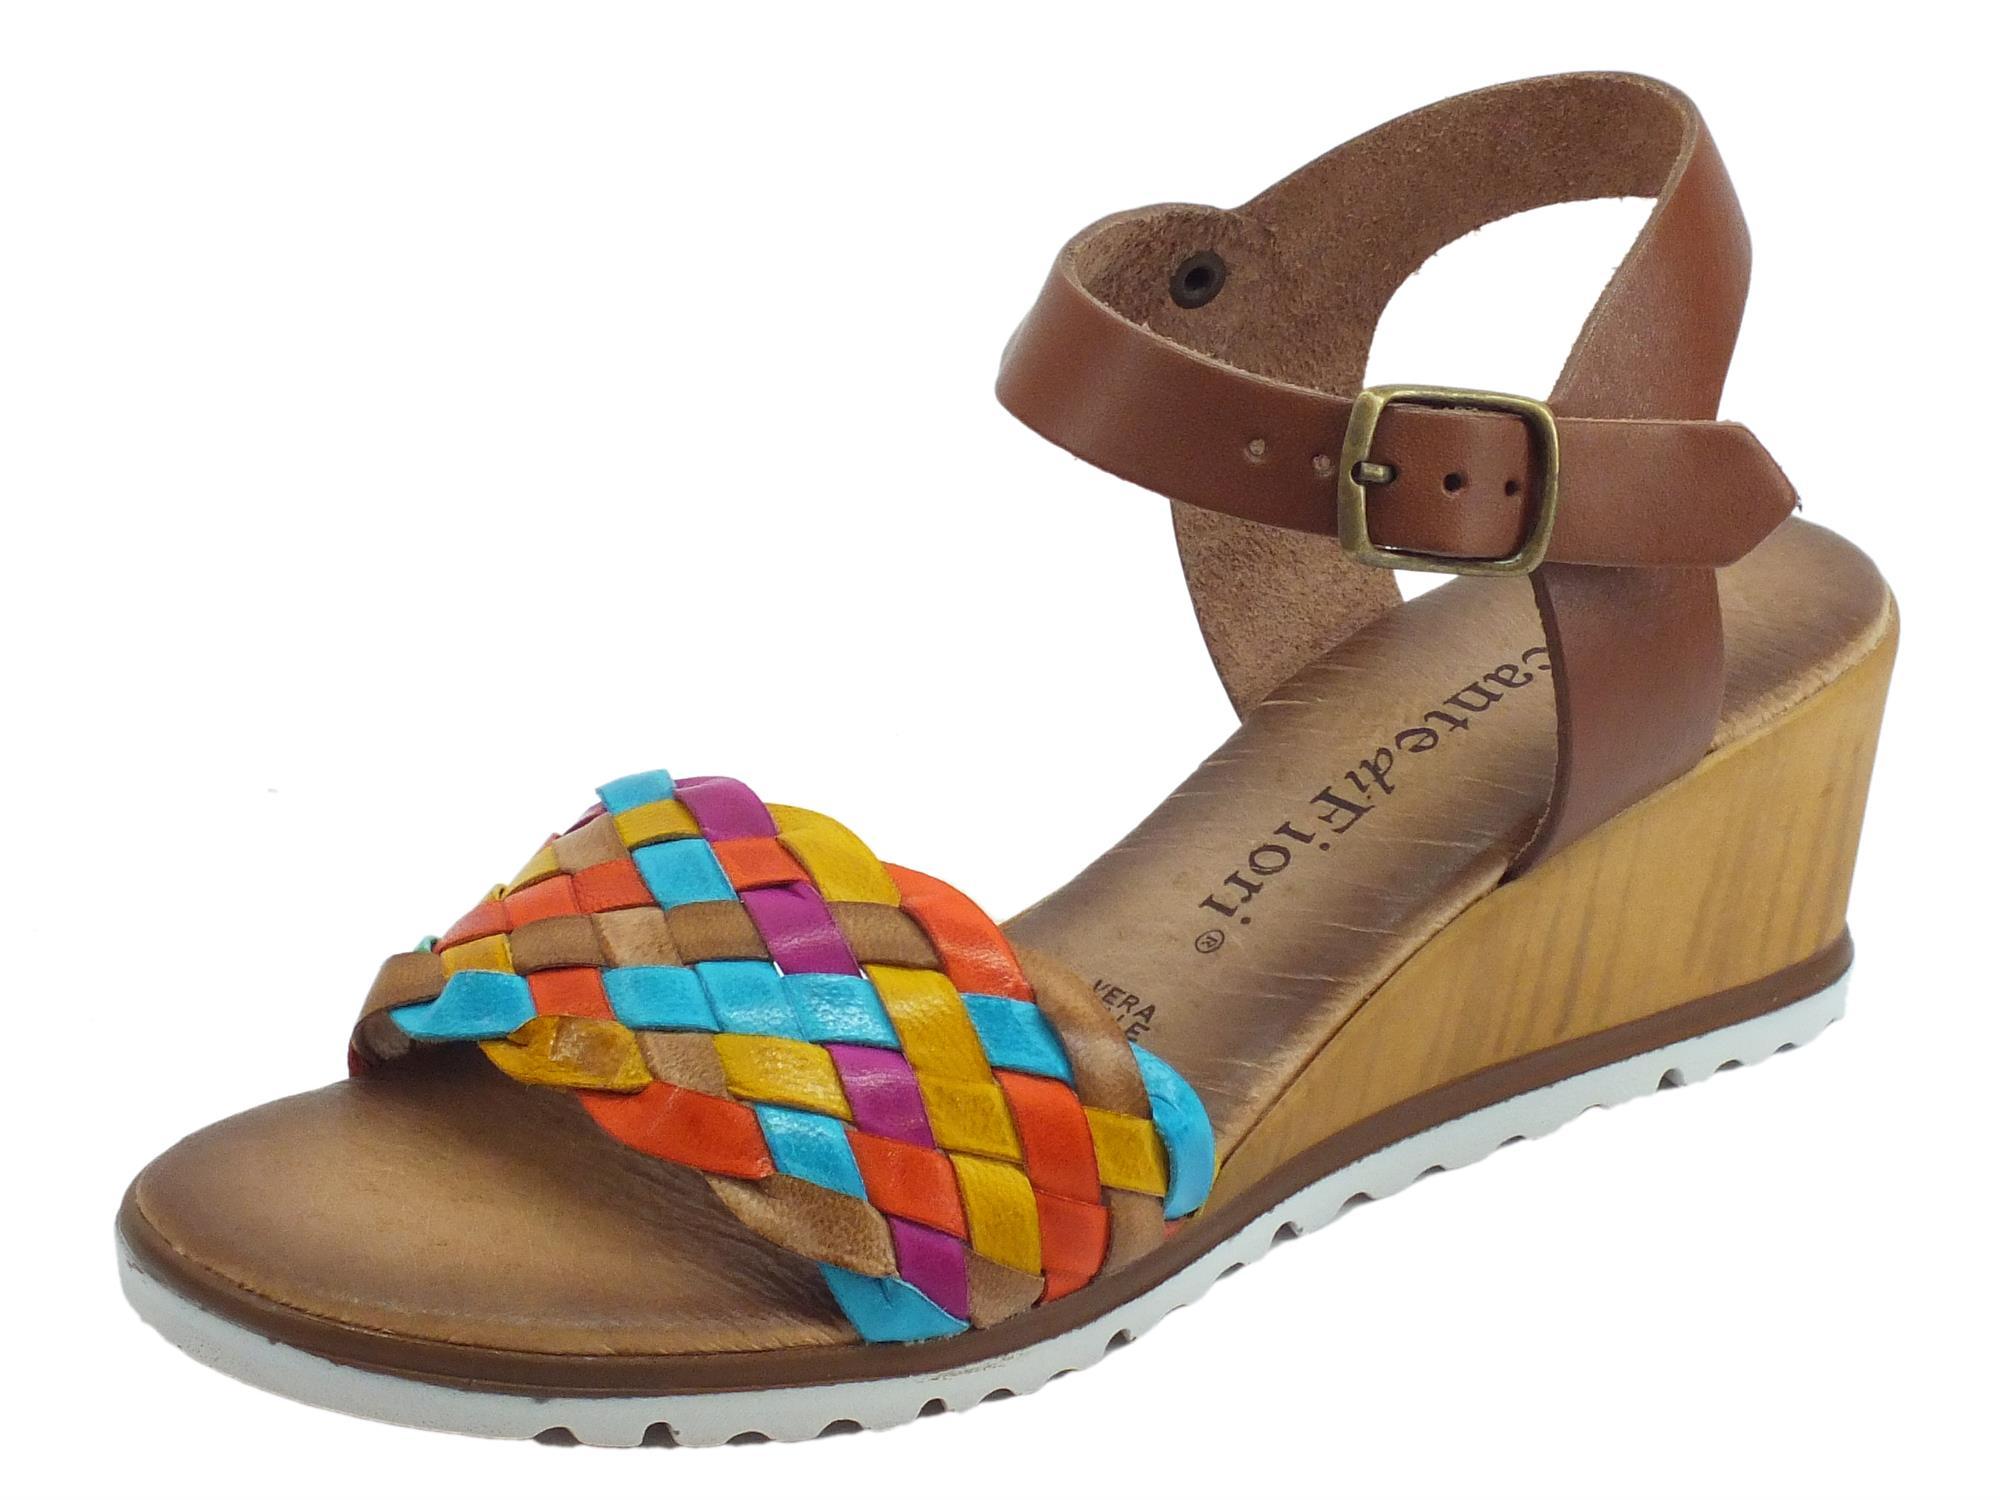 13ddf6827c Mercanti di Fiori sandali donna in pelle intrecciata multicolore zeppa alta